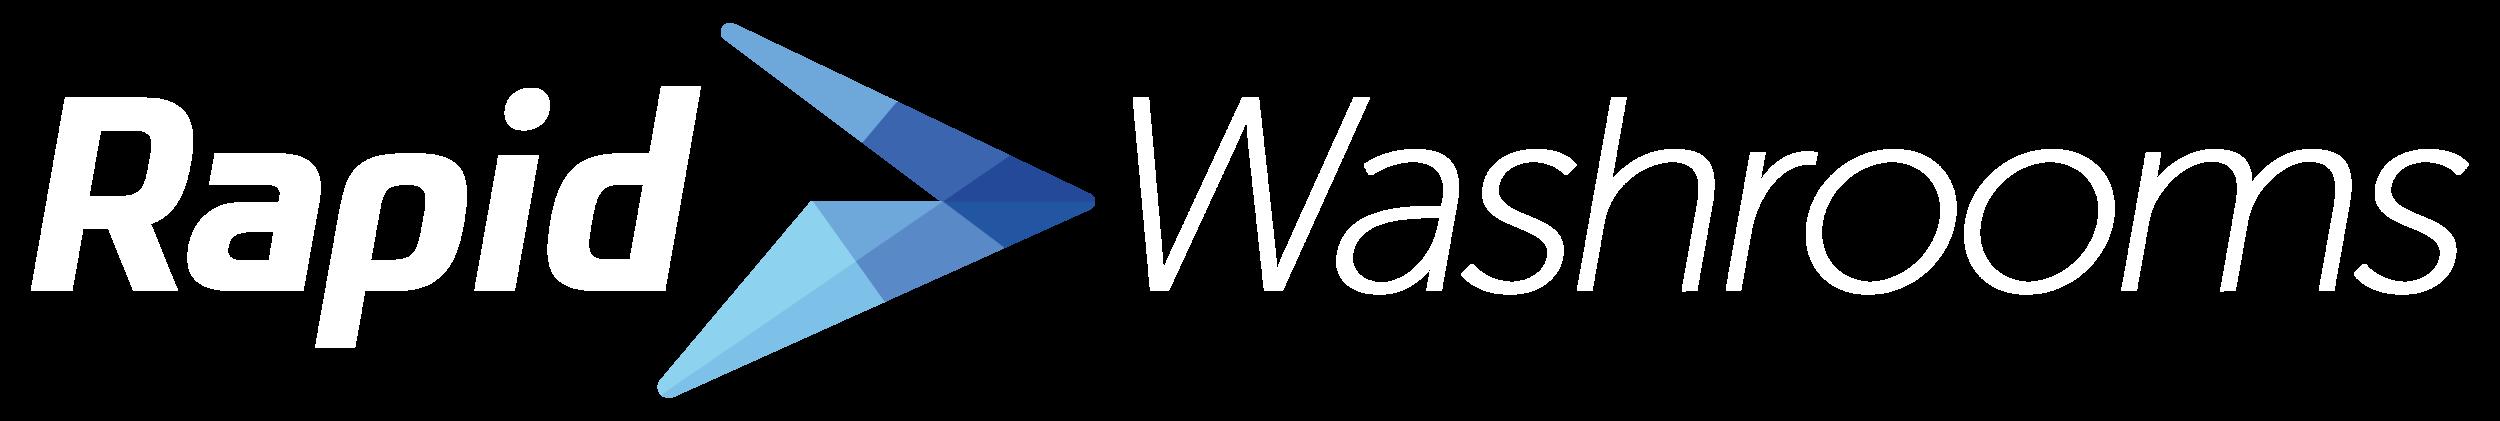 RapidWashrooms__Logo_Full_White-01.png